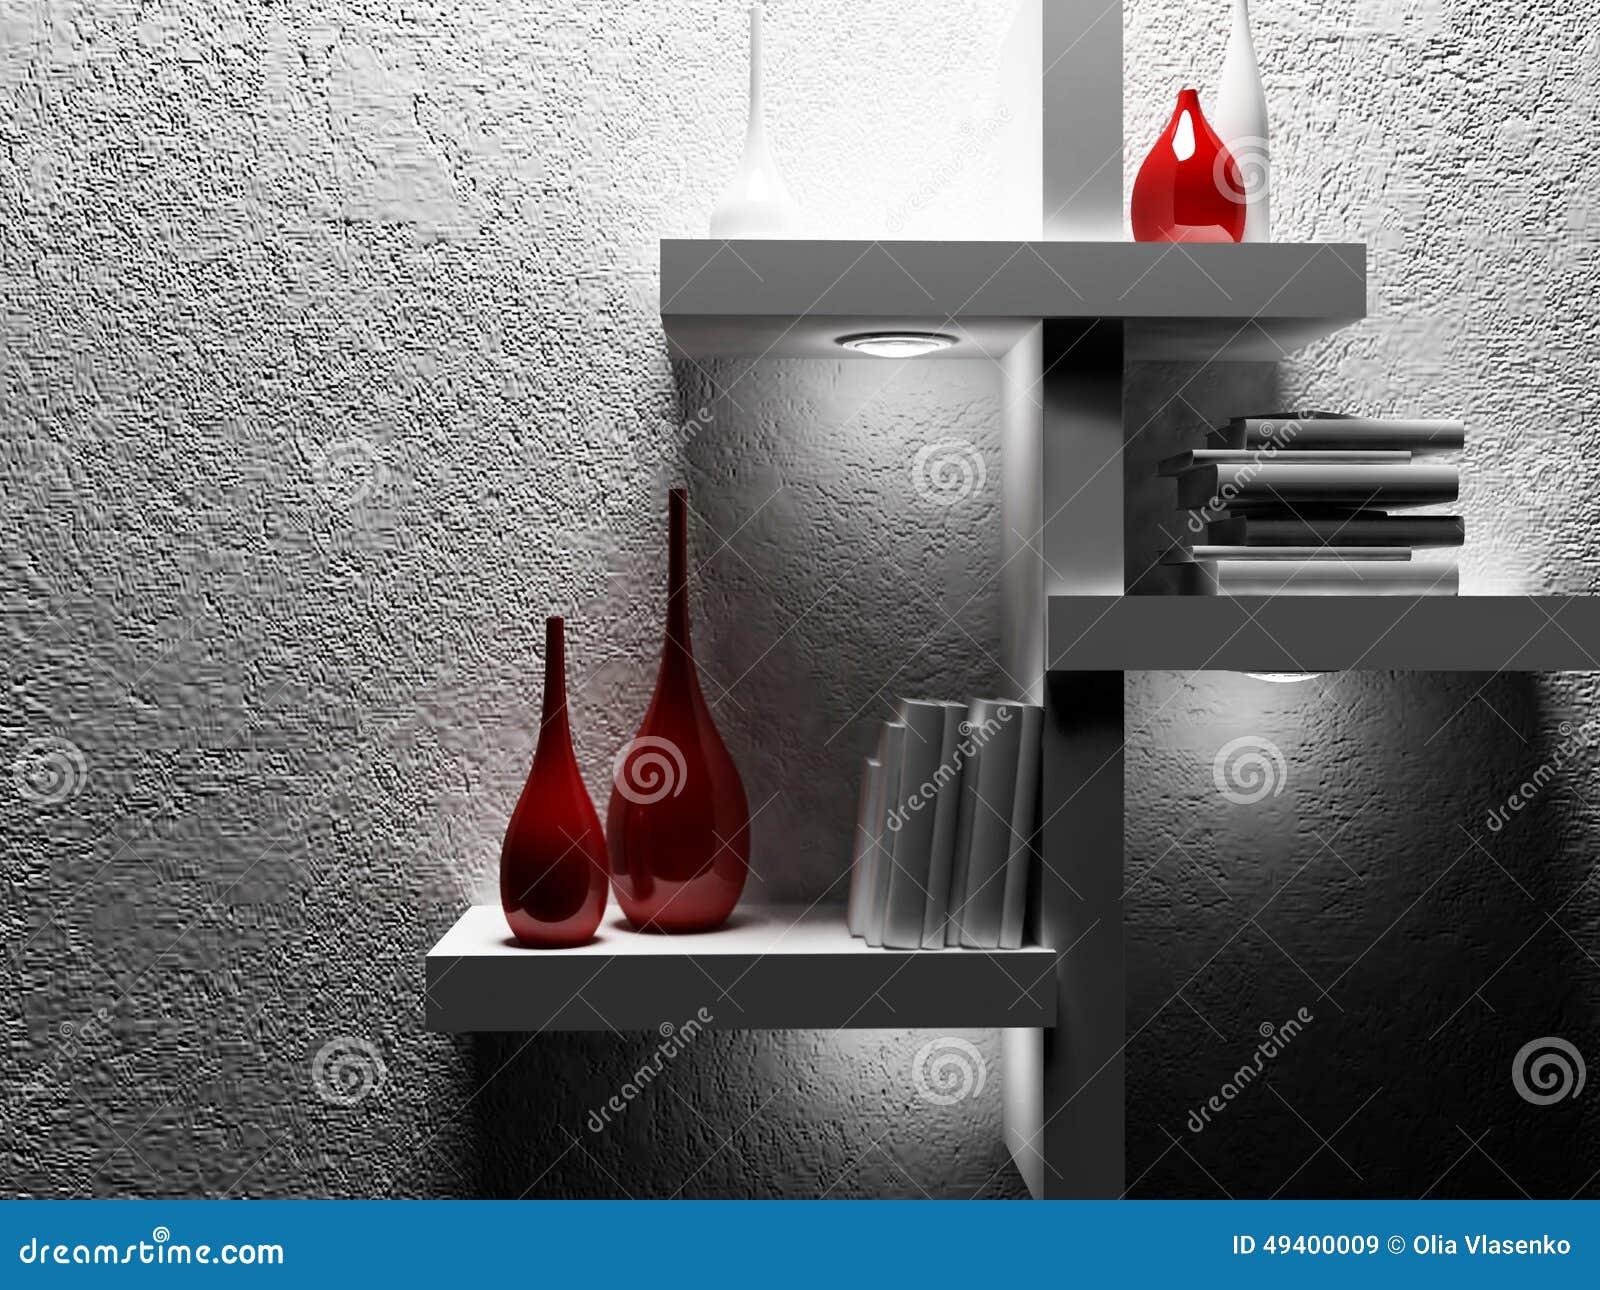 Download Vasen und Bücher im Regal stock abbildung. Illustration von horizontal - 49400009